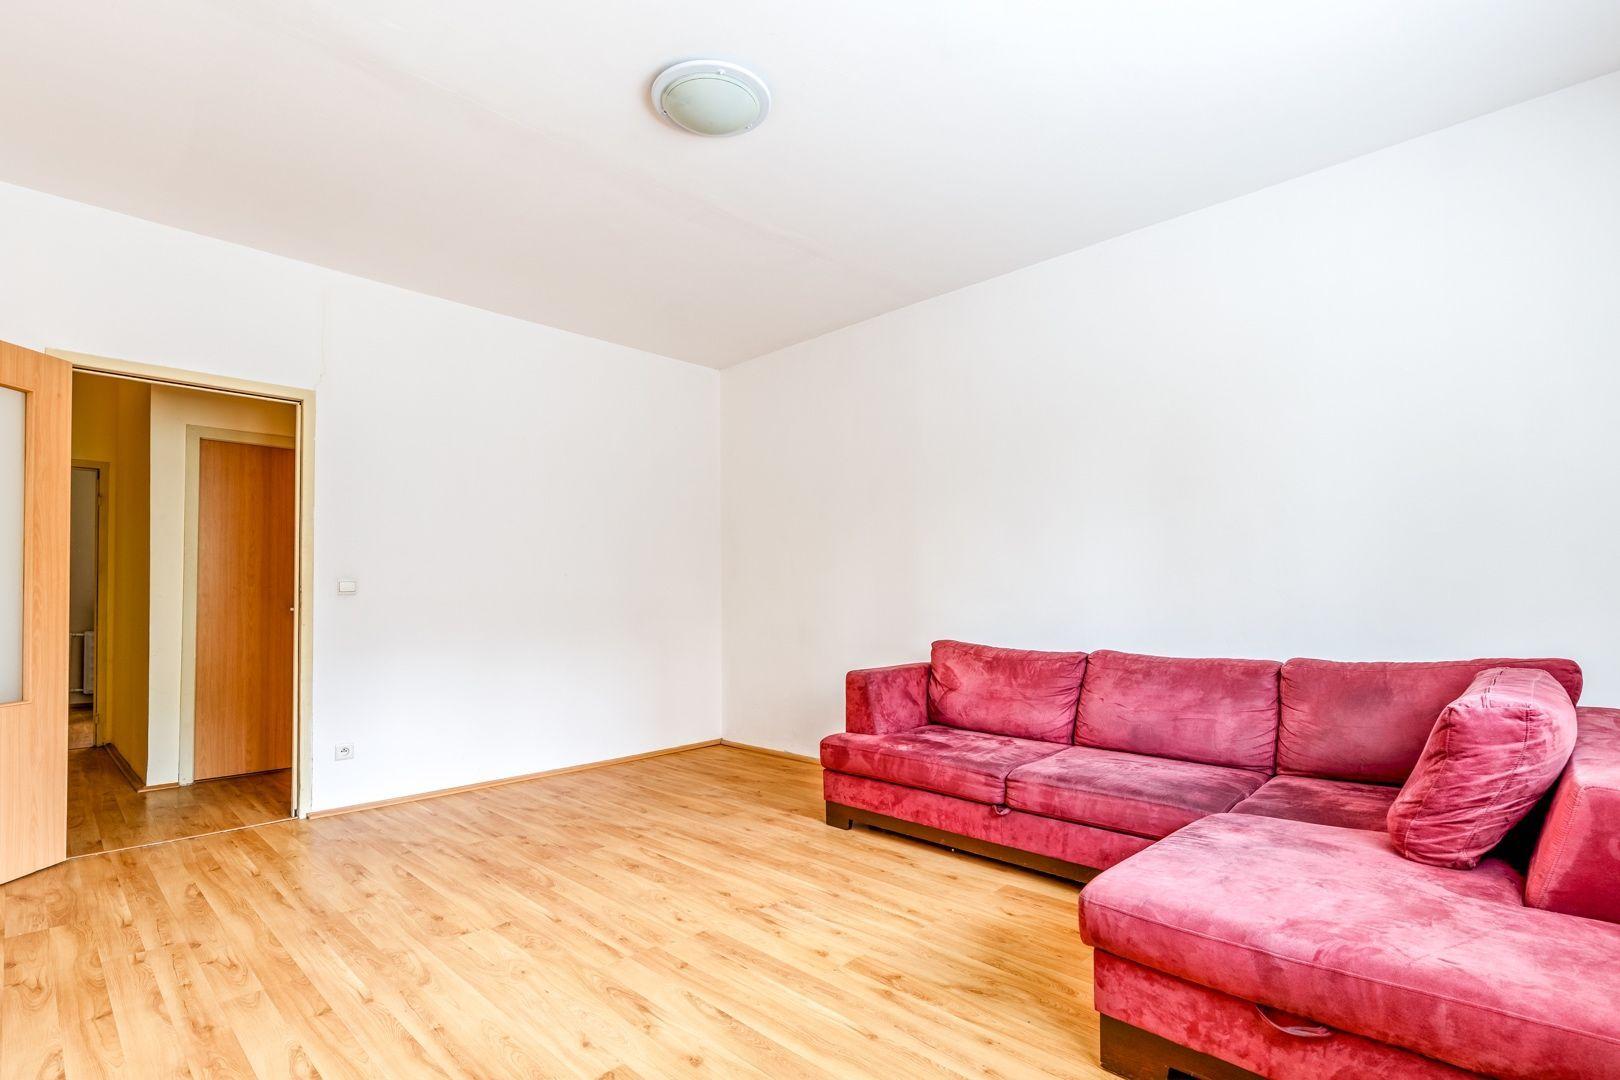 1-izbový byt-Predaj-Bratislava - mestská časť Lamač-115000.00 €